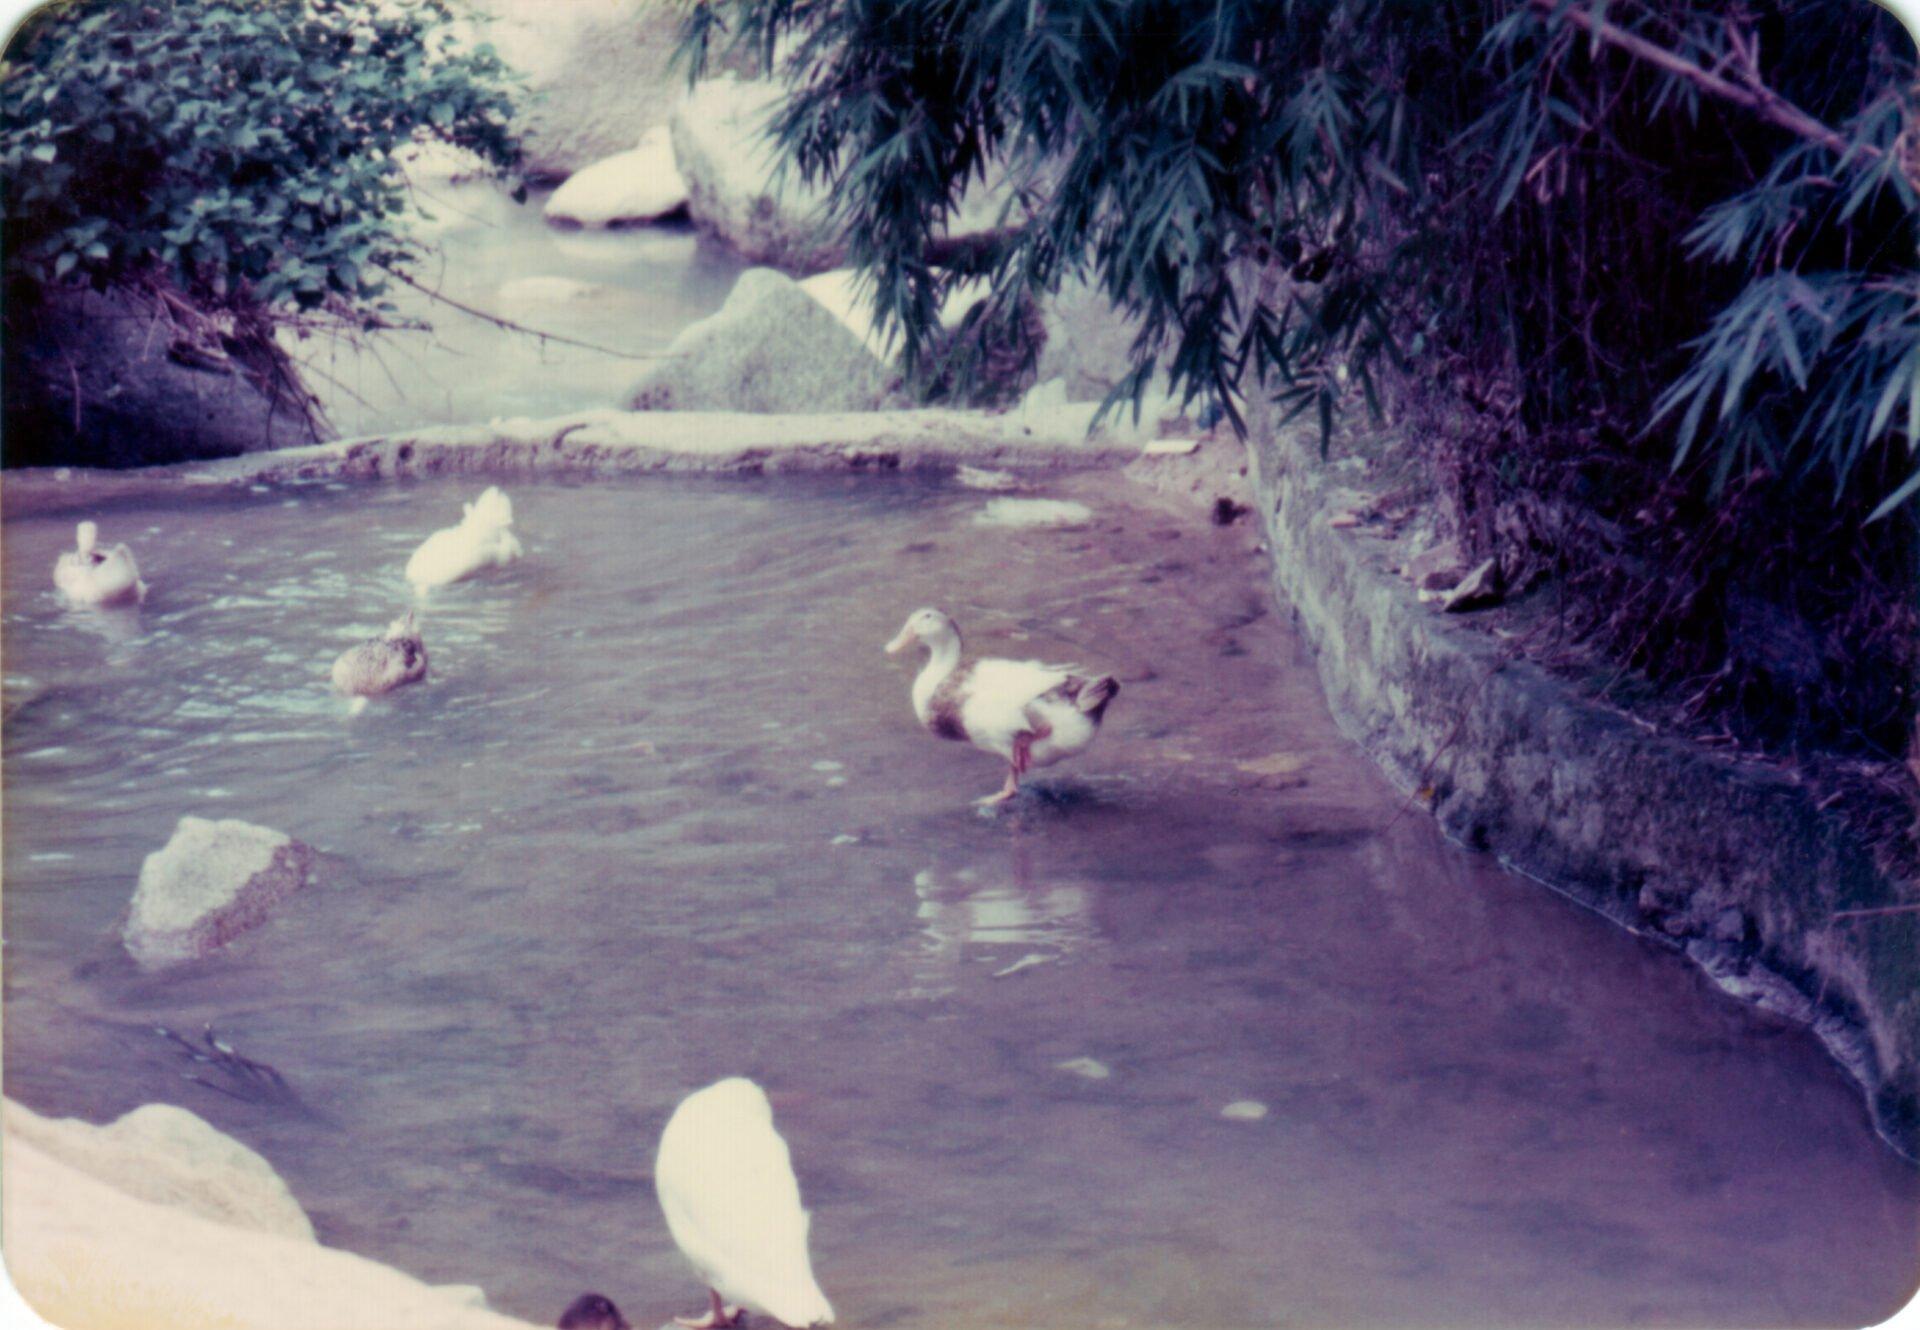 Ducks at Shatin Hong Kong 1985 June